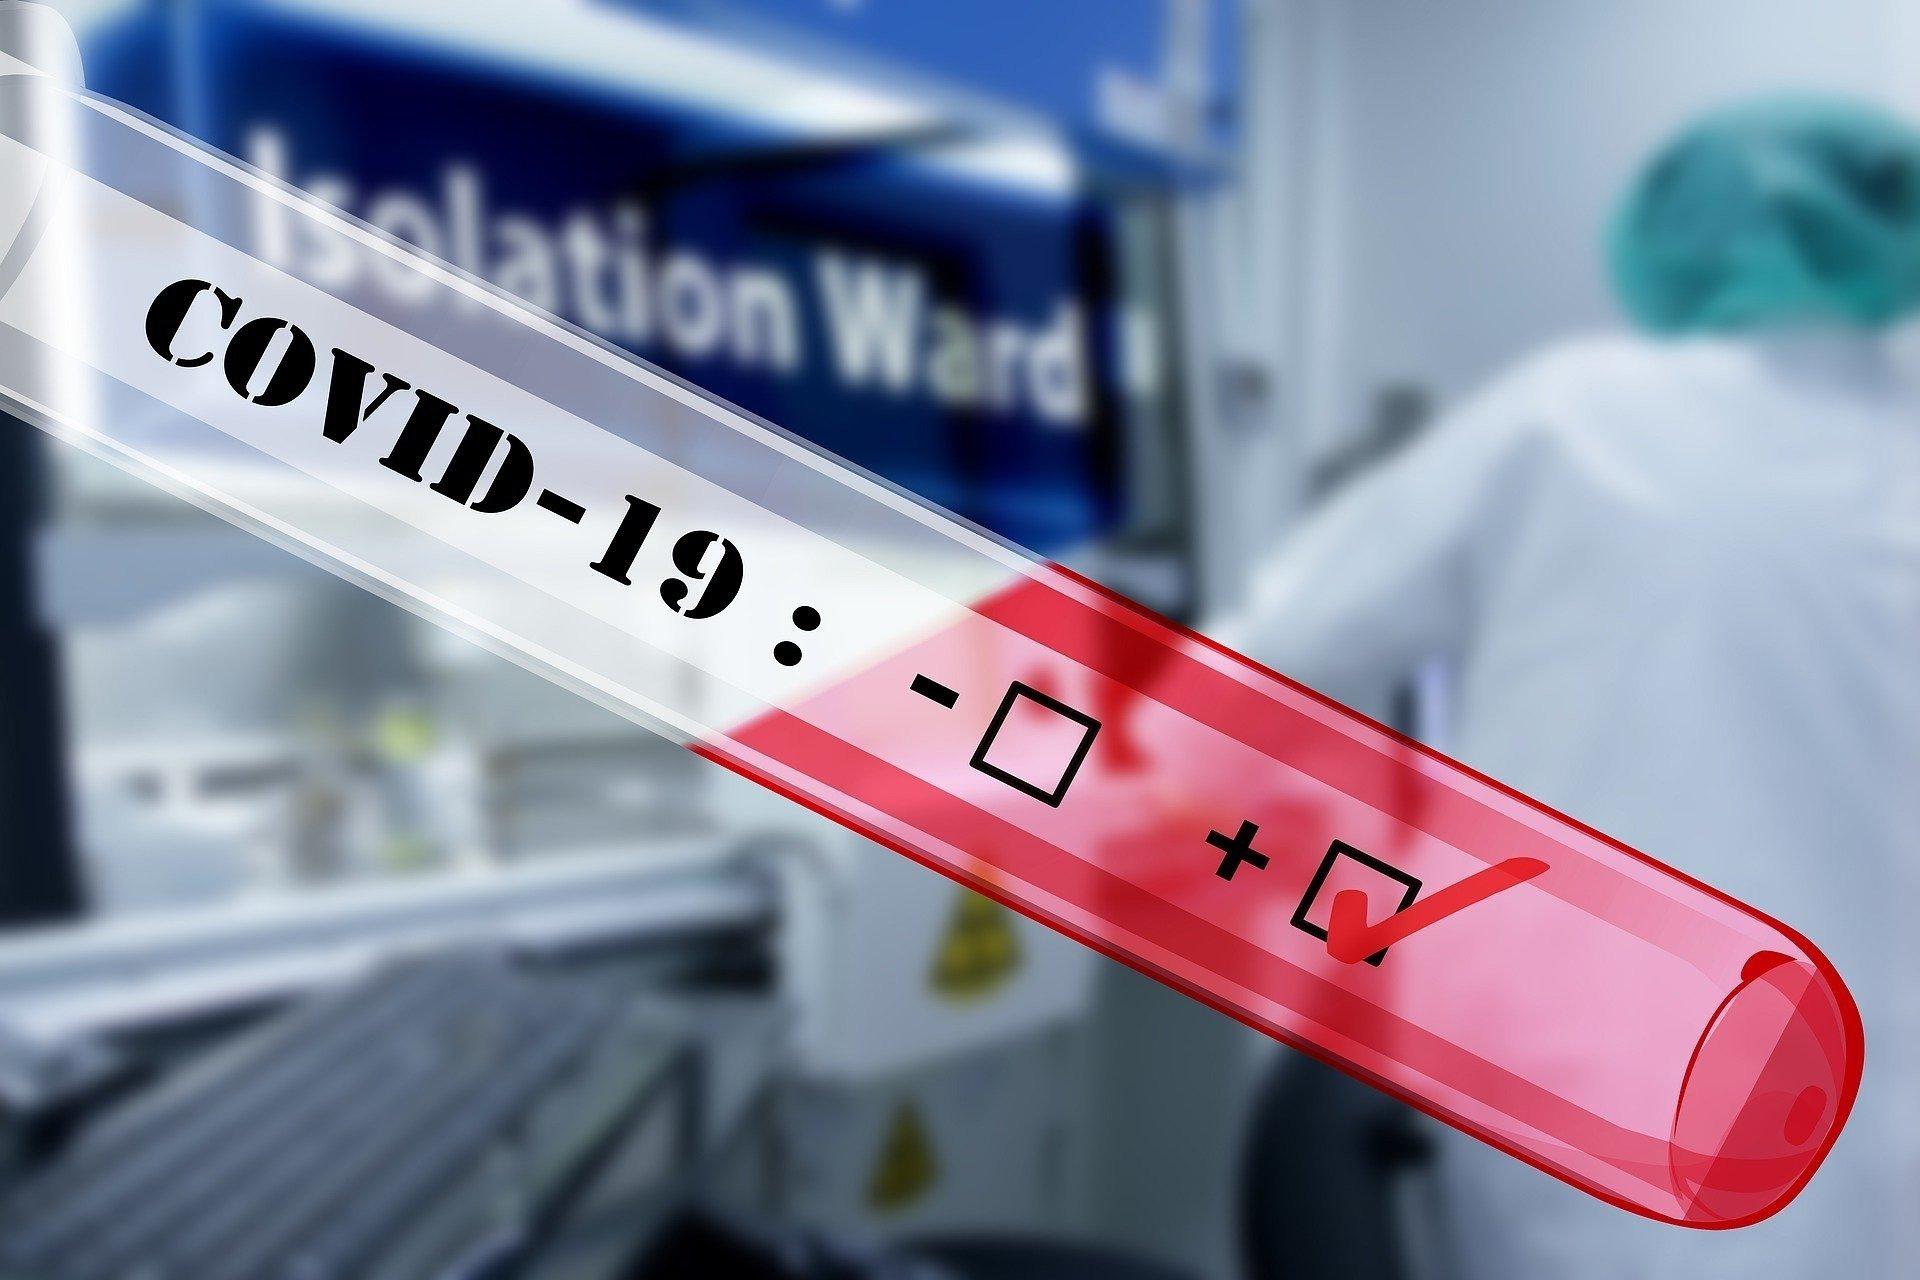 Тесты на антитела к COVID-19 в 50% ошибаются